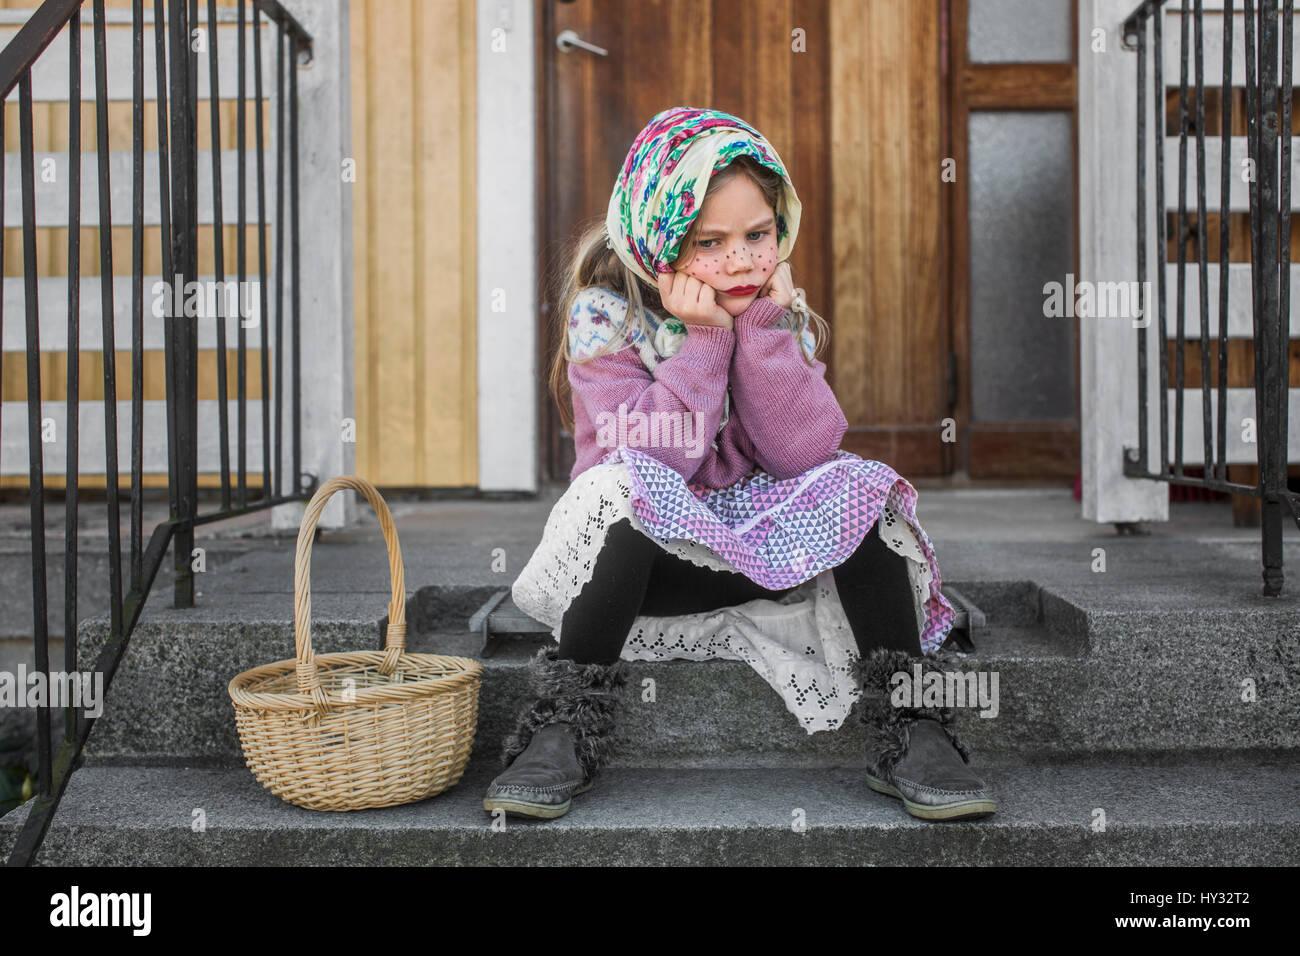 La Suède, pensive girl (4-5) déguisée en sorcière avec panier de Pâques Pâques sitting Photo Stock